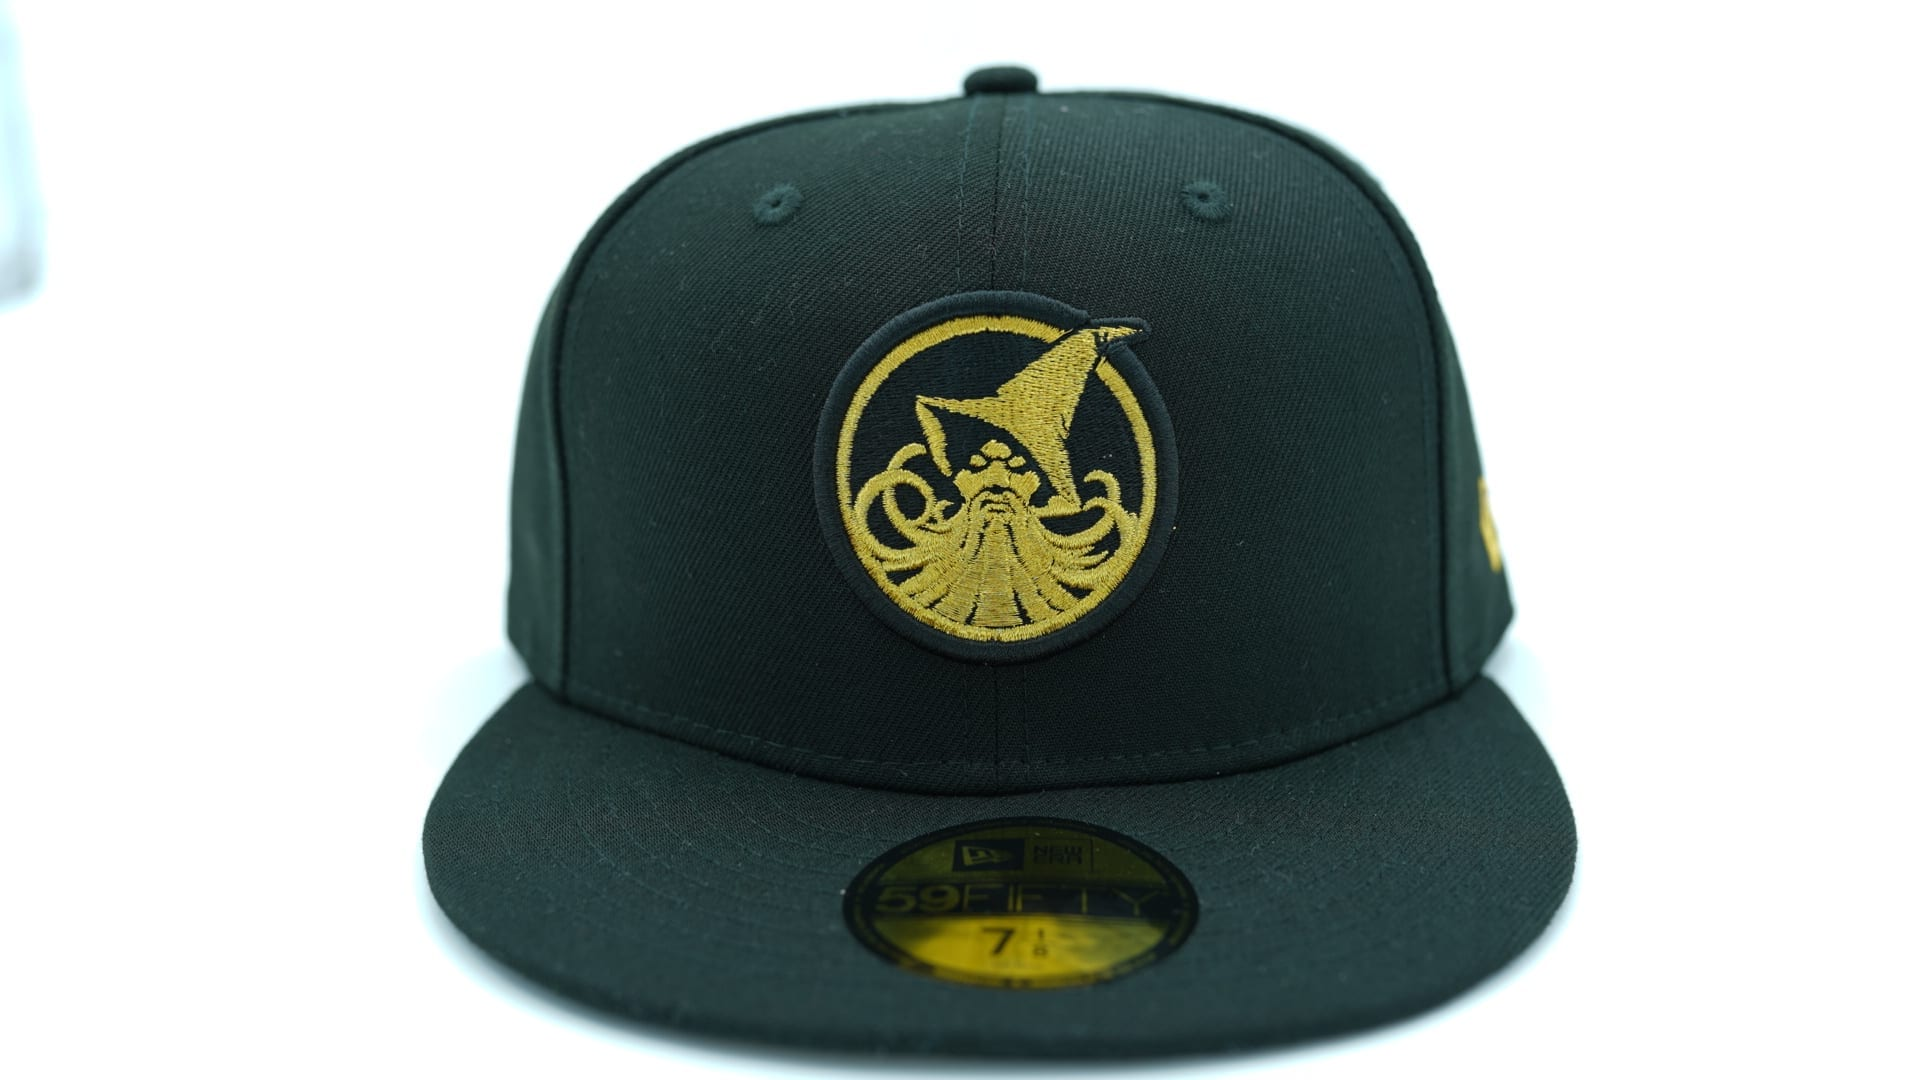 japan 2017 wbc 59fifty fitted baseball cap new era wbc